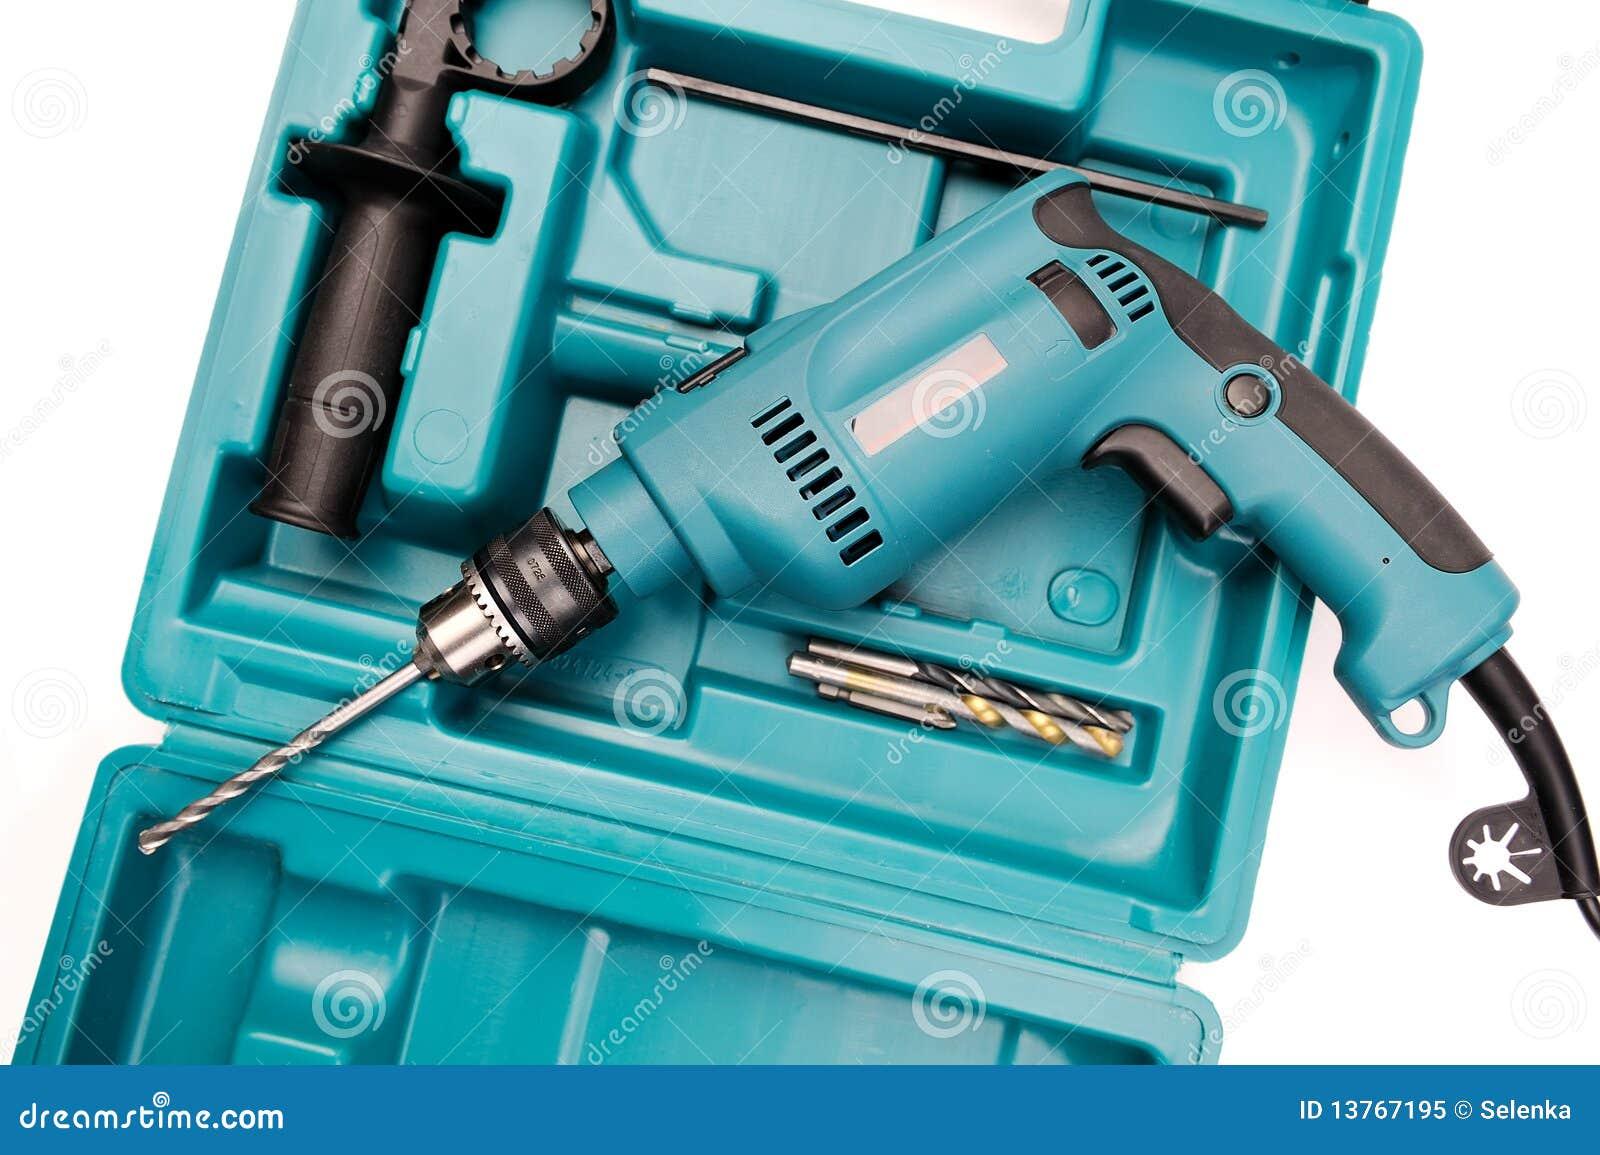 Elektrisch bohren Sie innen einen Werkzeugkasten